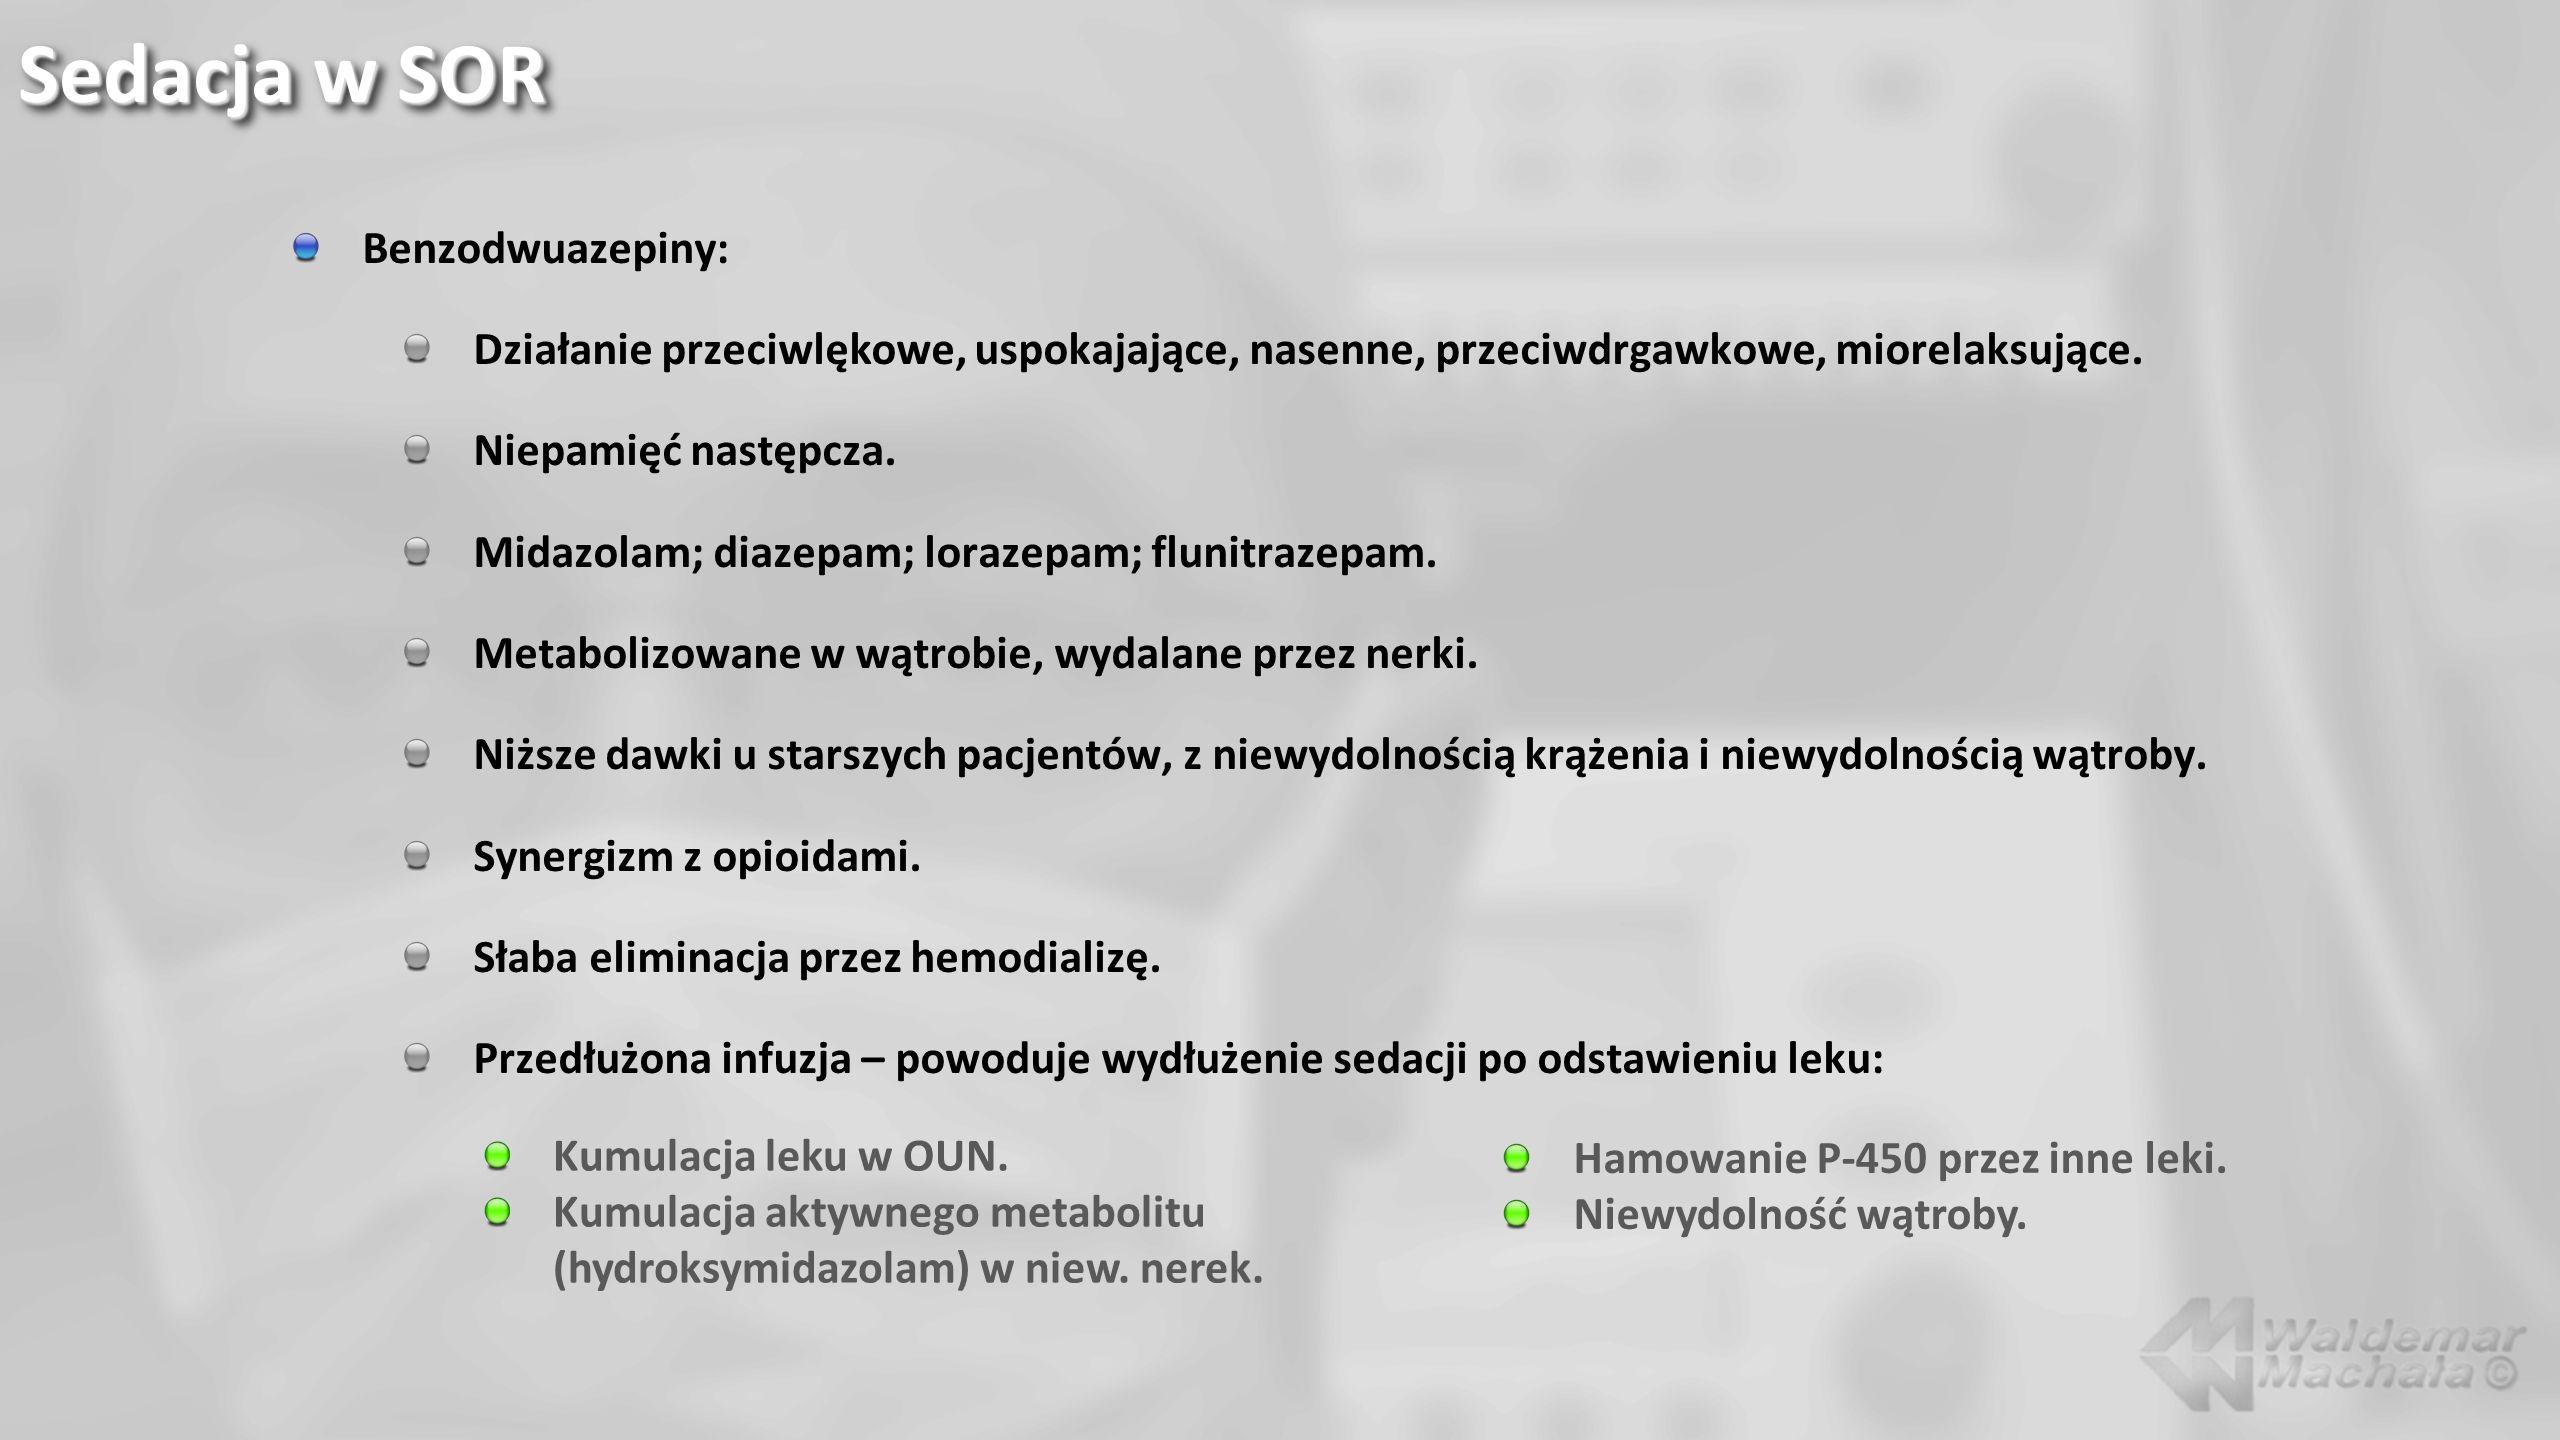 Benzodwuazepiny: Działanie przeciwlękowe, uspokajające, nasenne, przeciwdrgawkowe, miorelaksujące. Niepamięć następcza. Midazolam; diazepam; lorazepam